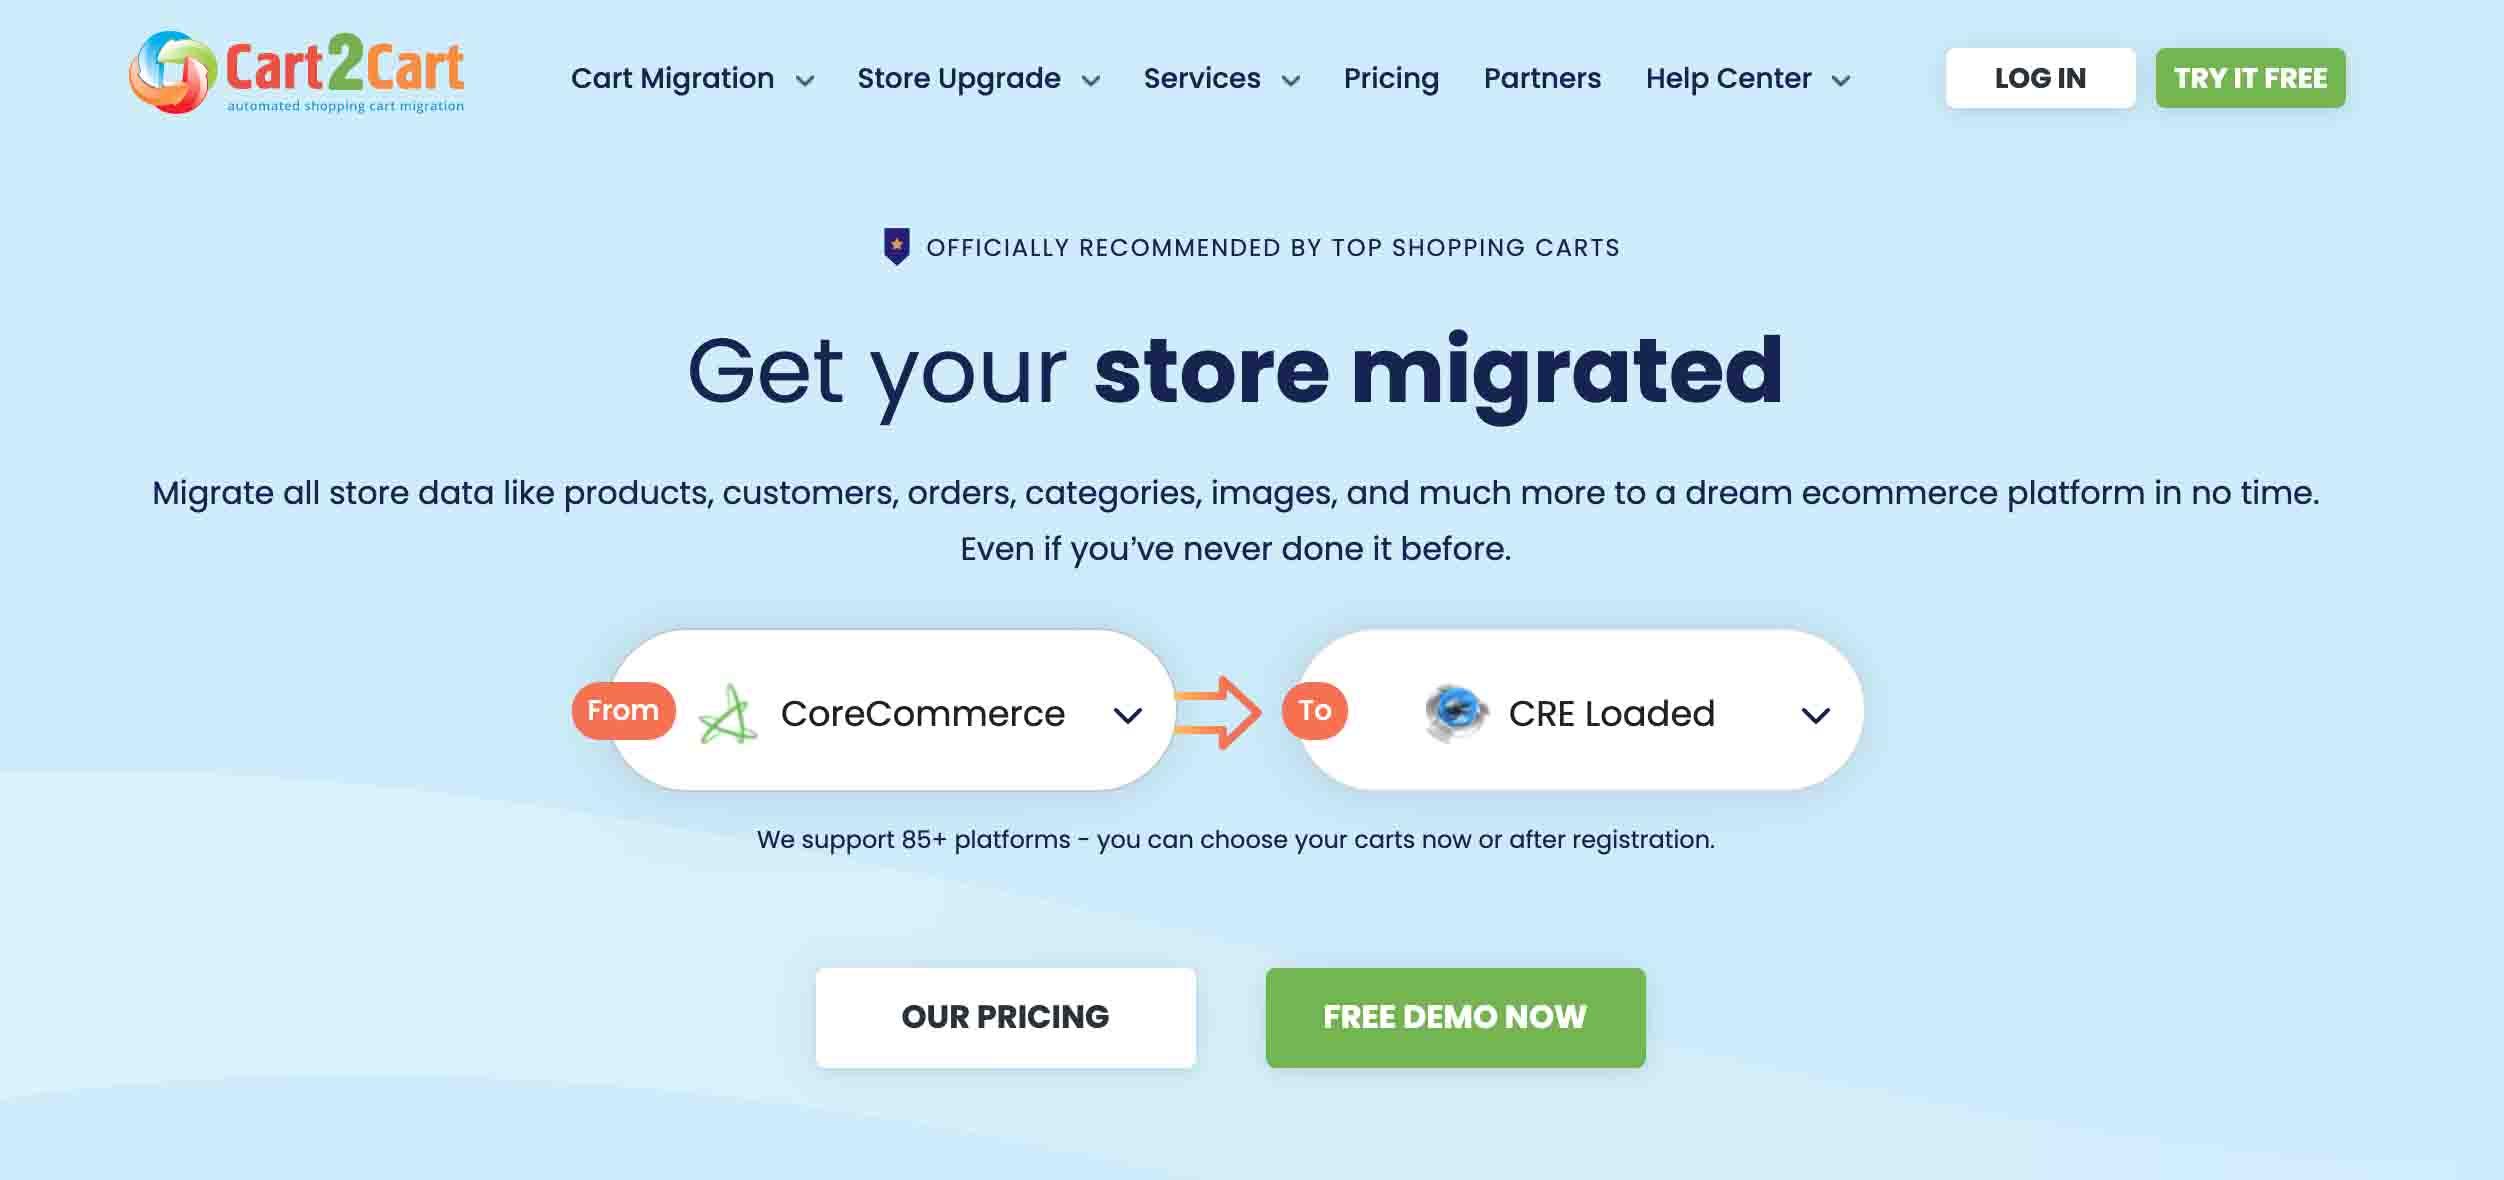 Cart2Cart Shopping Cart Migration Tools